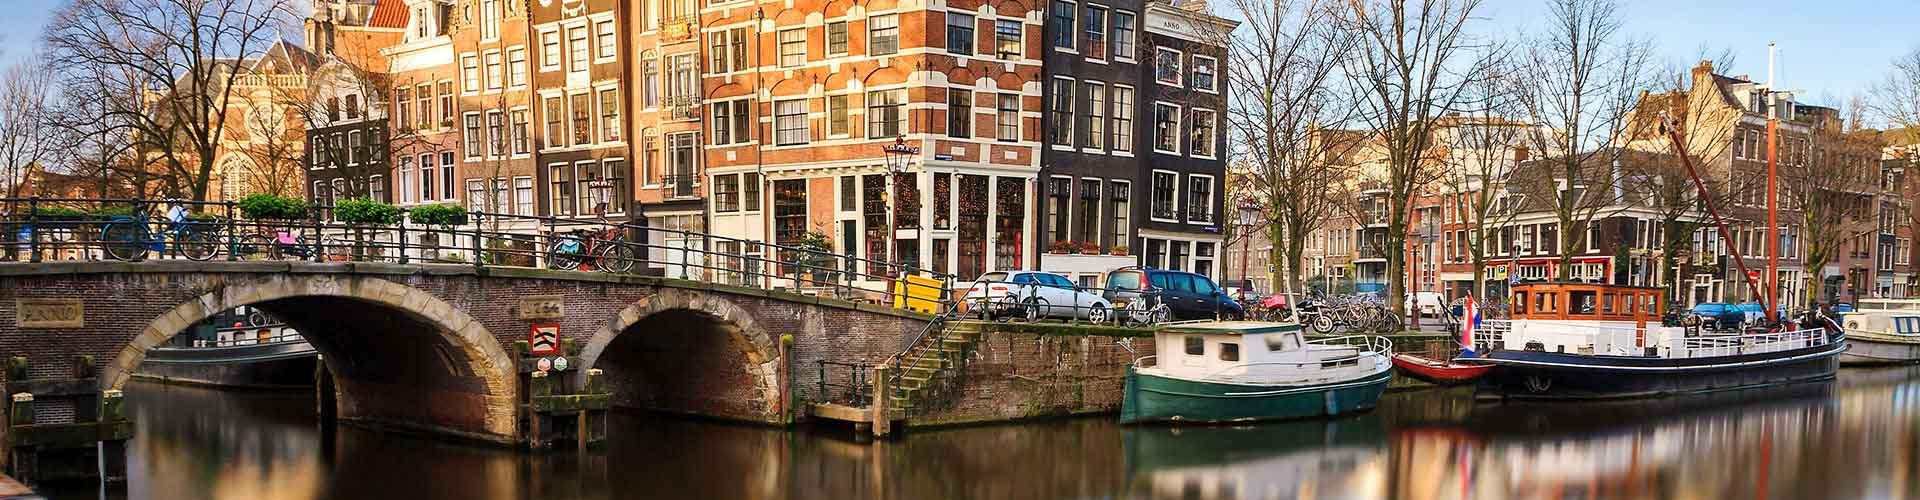 阿姆斯特丹 – 阿姆斯特丹Bijlmer竞技场铁路站附近的青年旅舍。阿姆斯特丹地图,阿姆斯特丹每家青年旅舍的照片和评价。